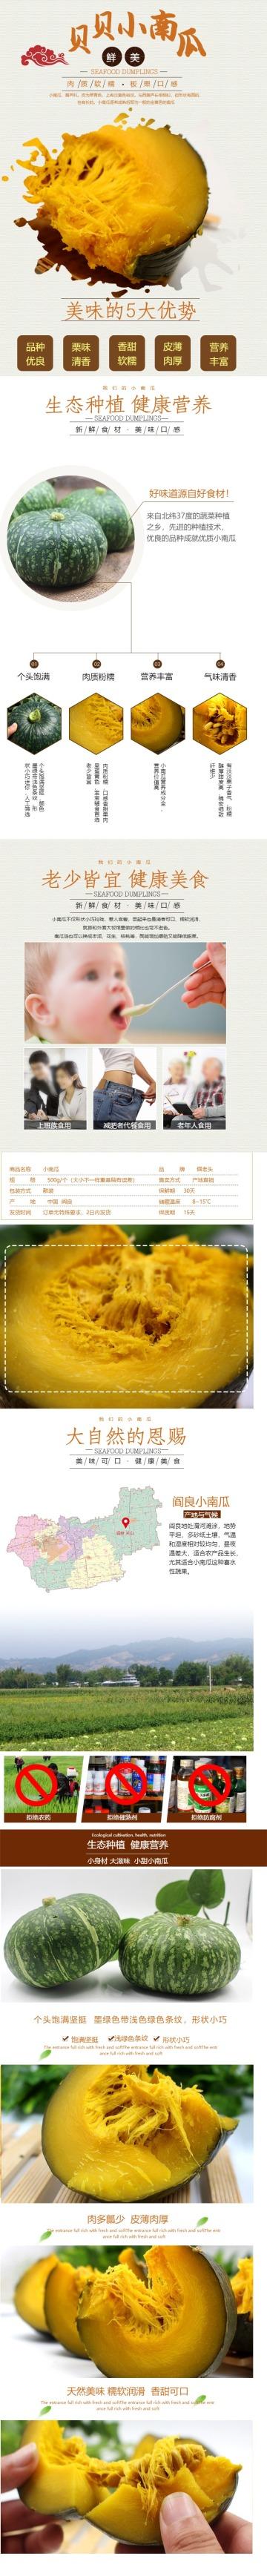 黄色简约食品果蔬南瓜电商宣传营销宝贝详情